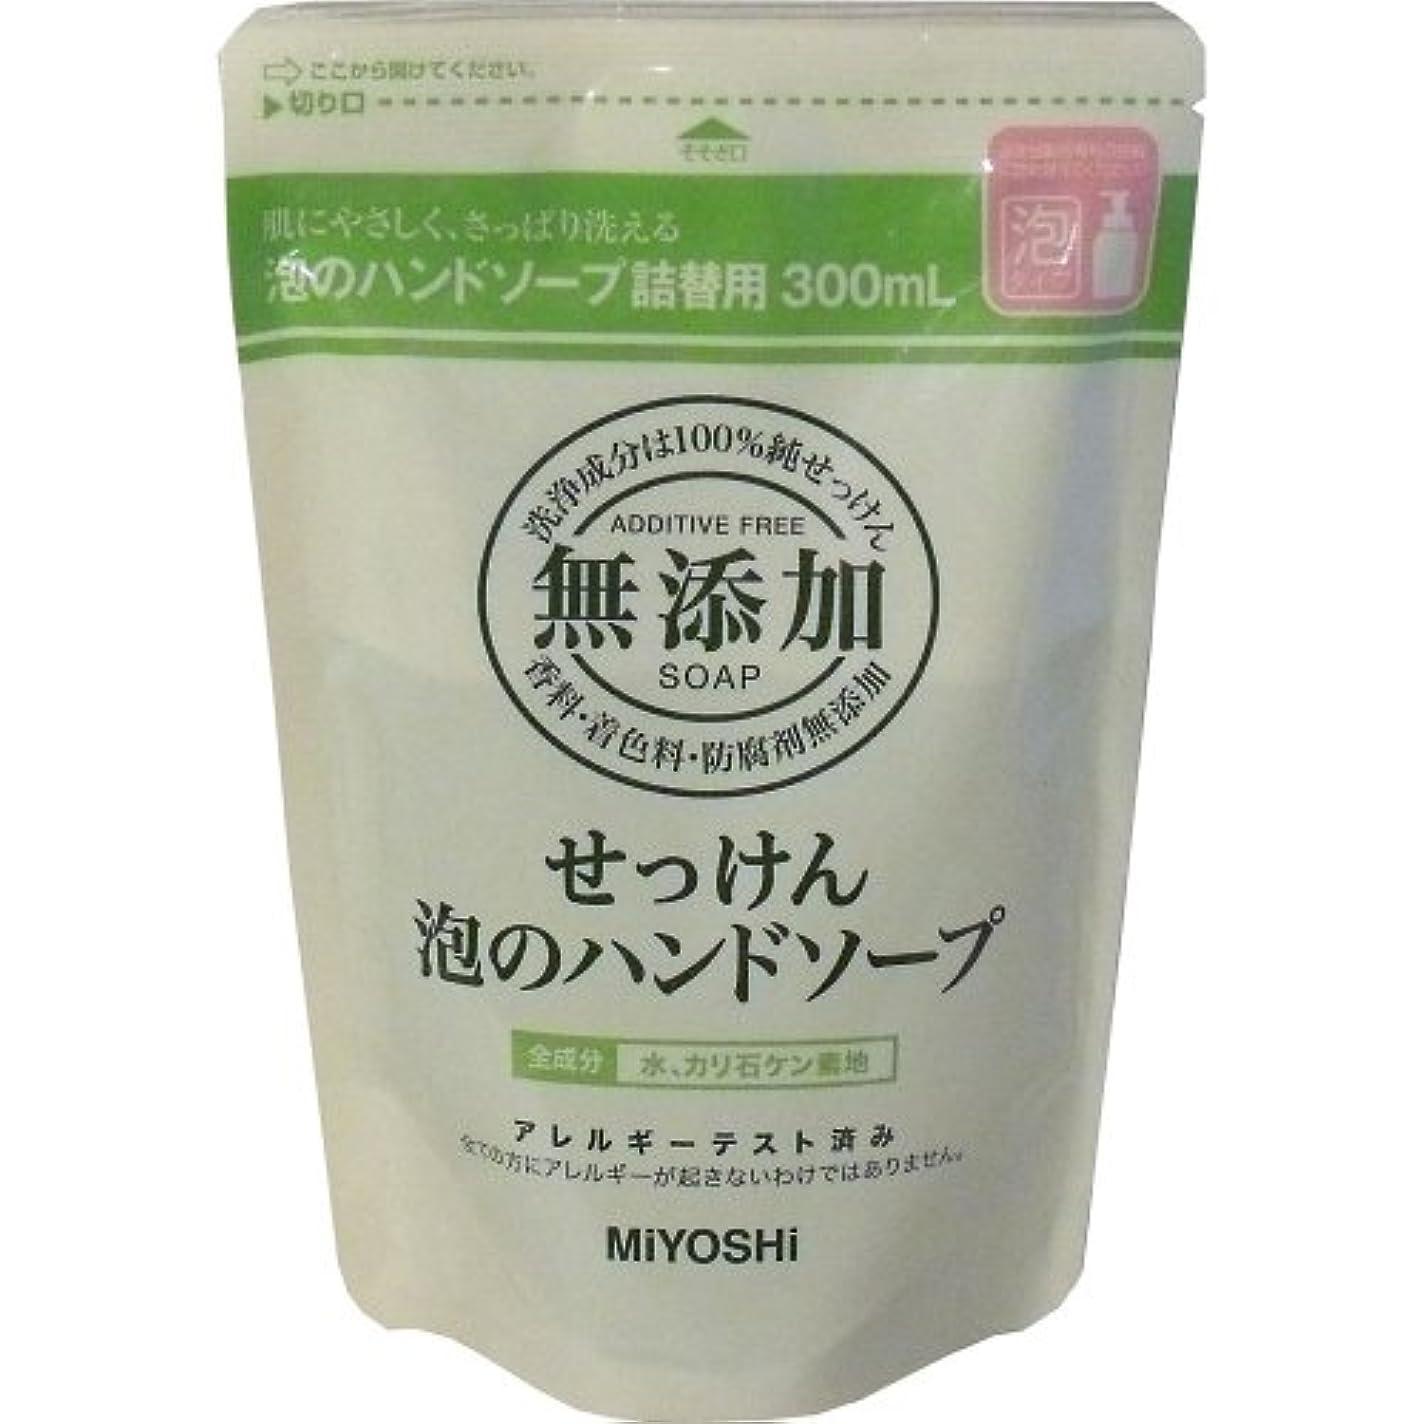 調停者権限を与える吸収剤ミヨシ石鹸 無添加せっけん泡ハンドソープ 詰替用300ml×5